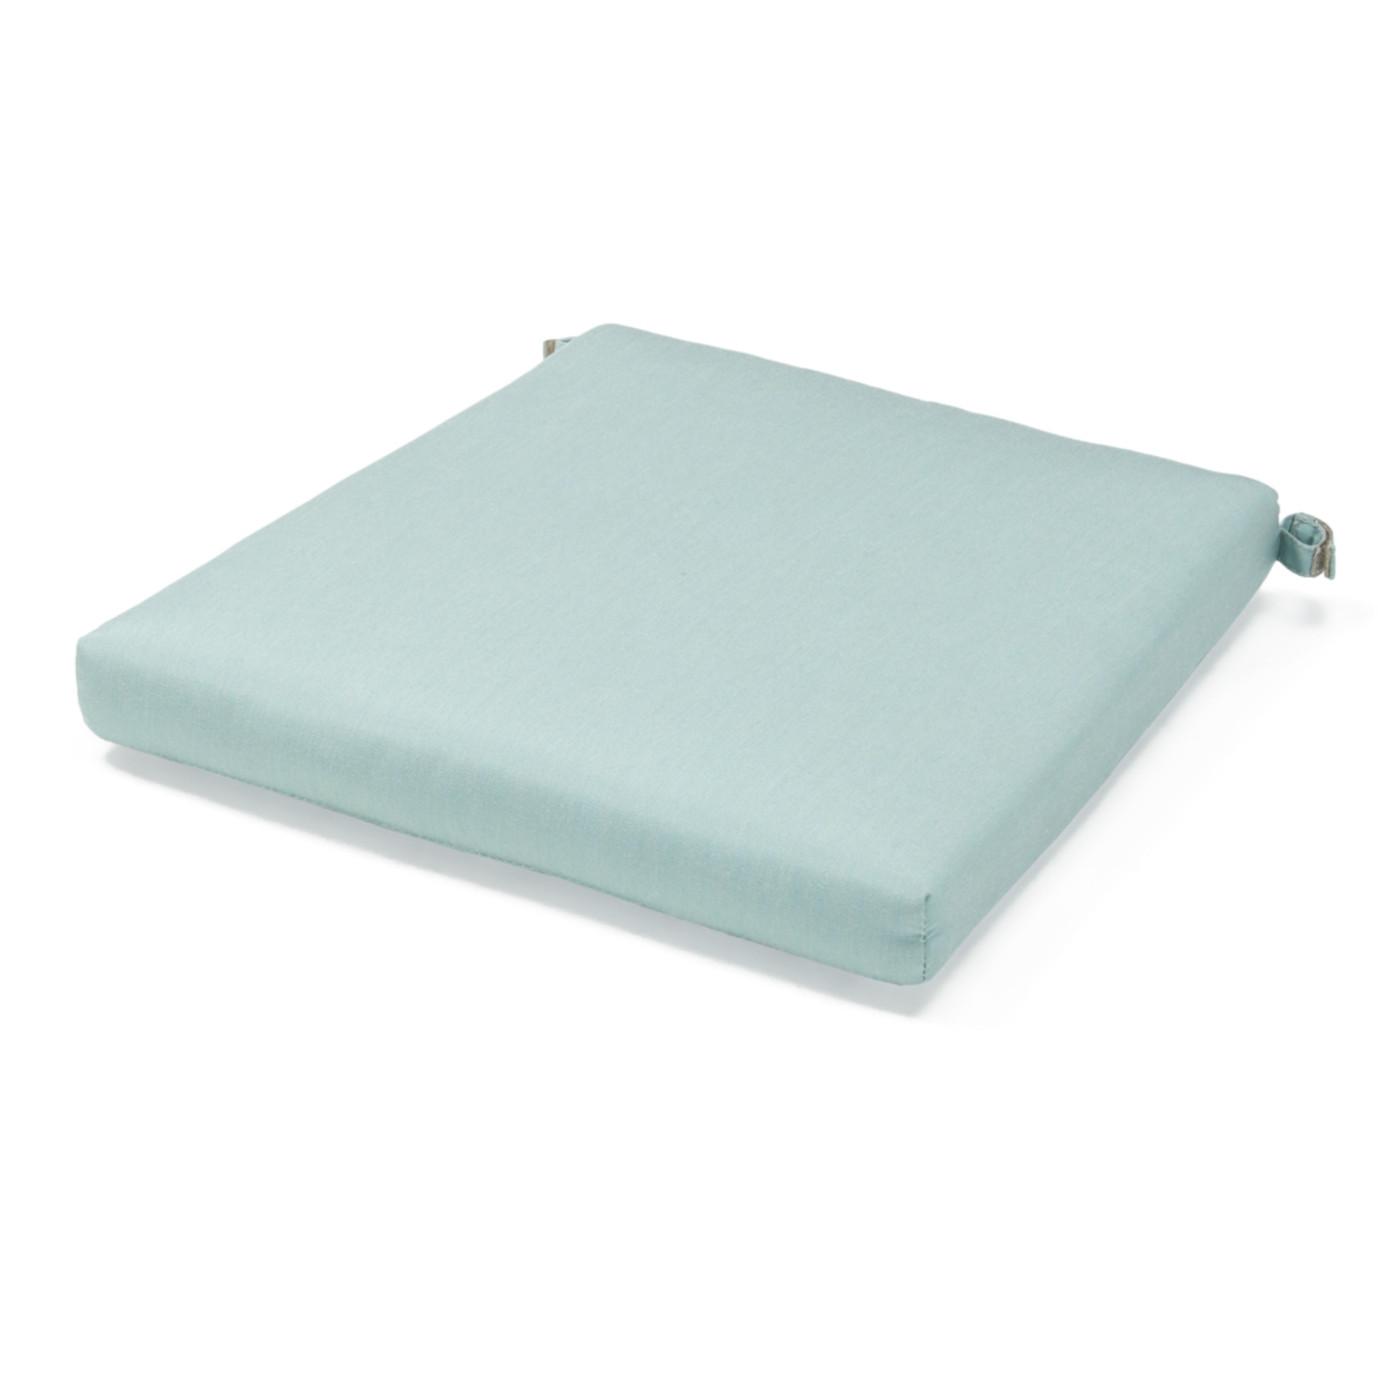 Portofino Casual Dining Chair Cushion - Spa Blue